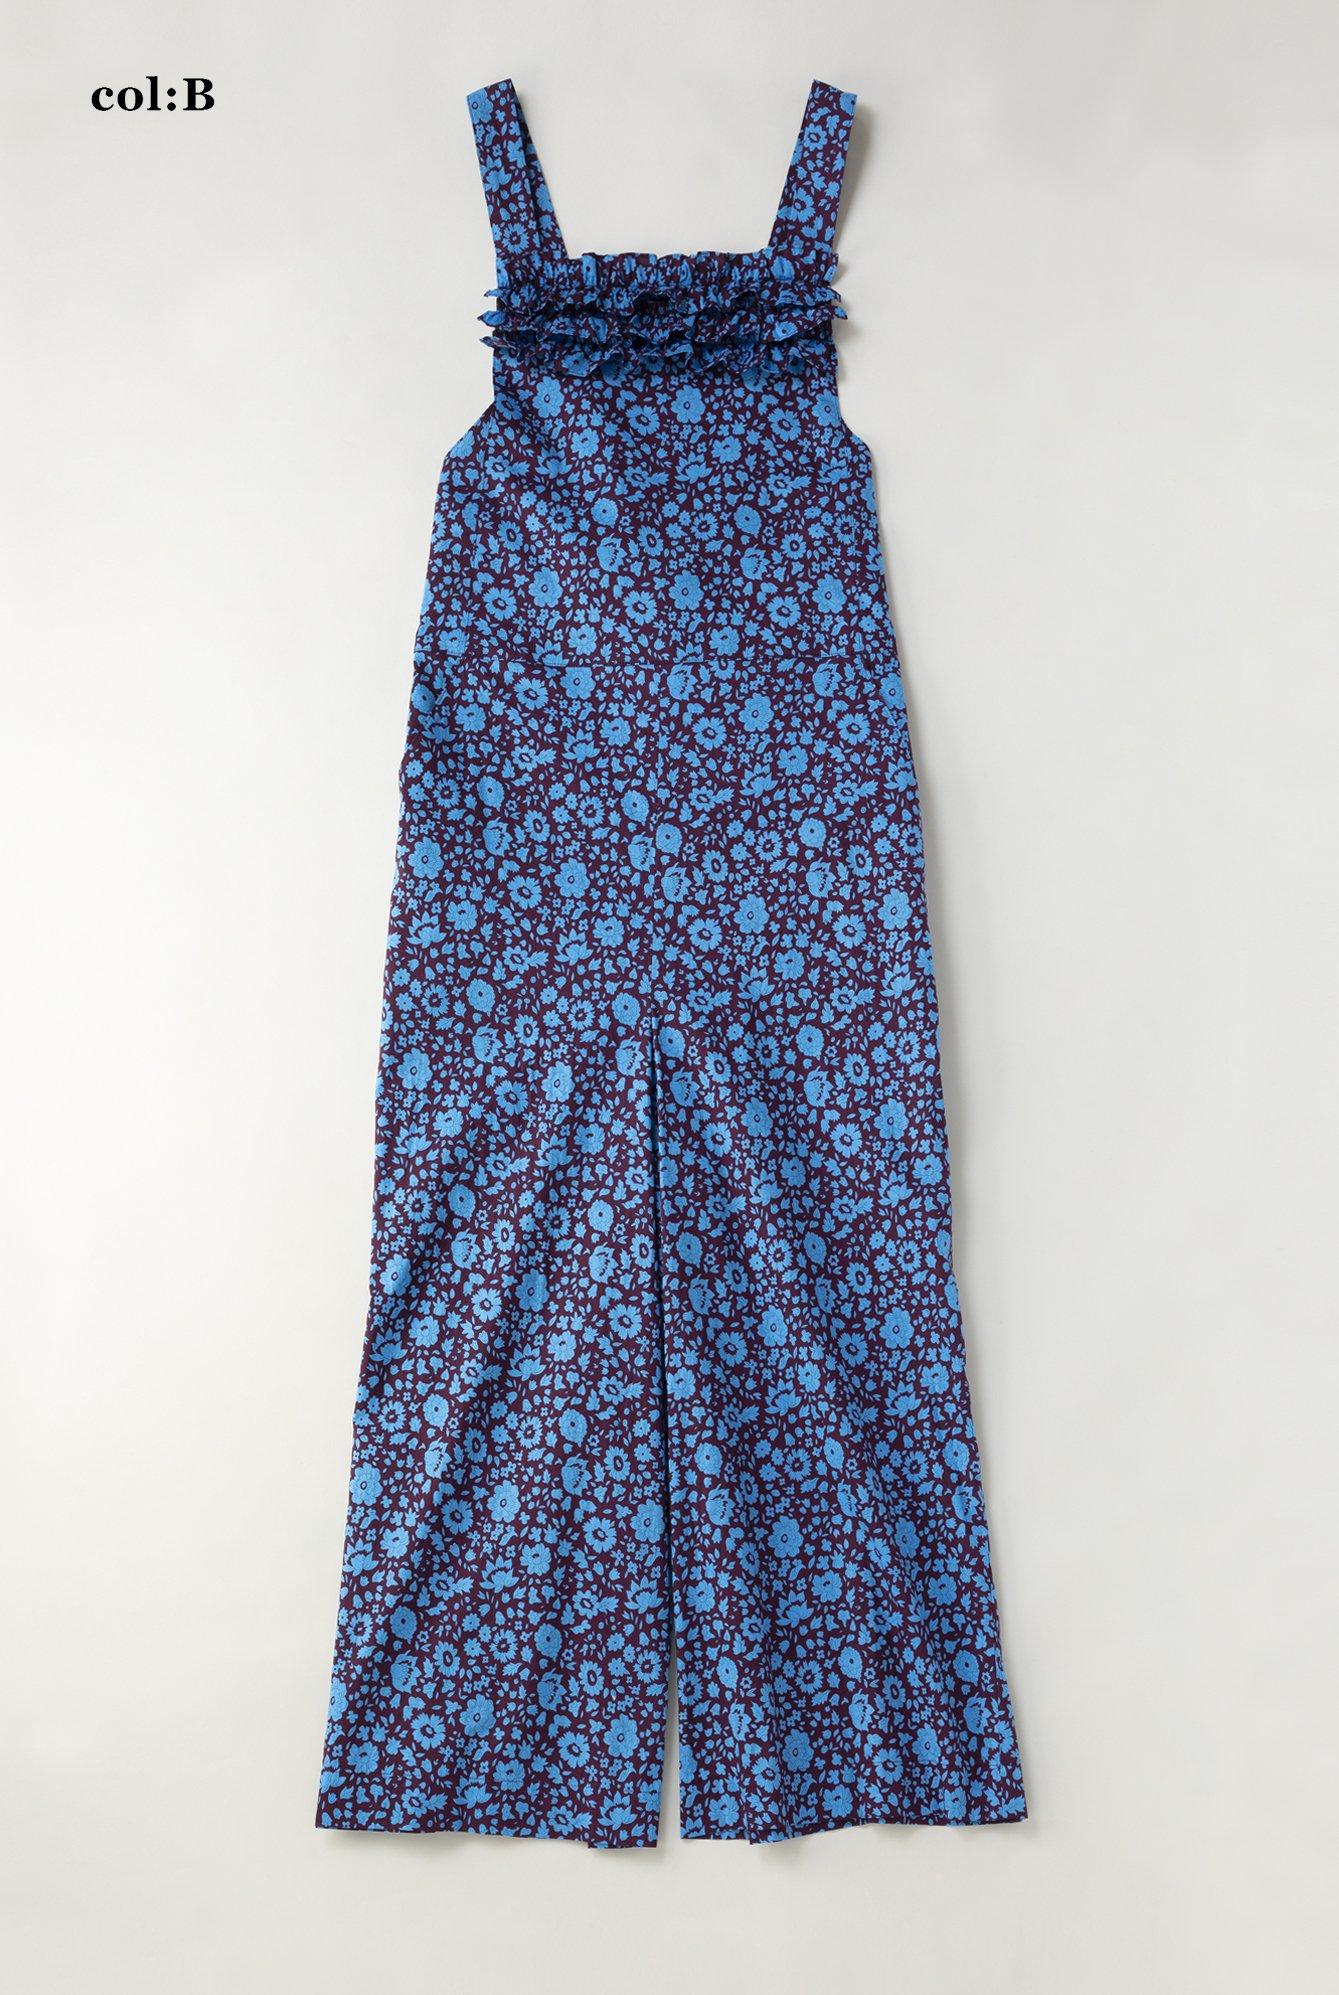 芸能人が火曜サプライズで着用した衣装スカート、ブラウス